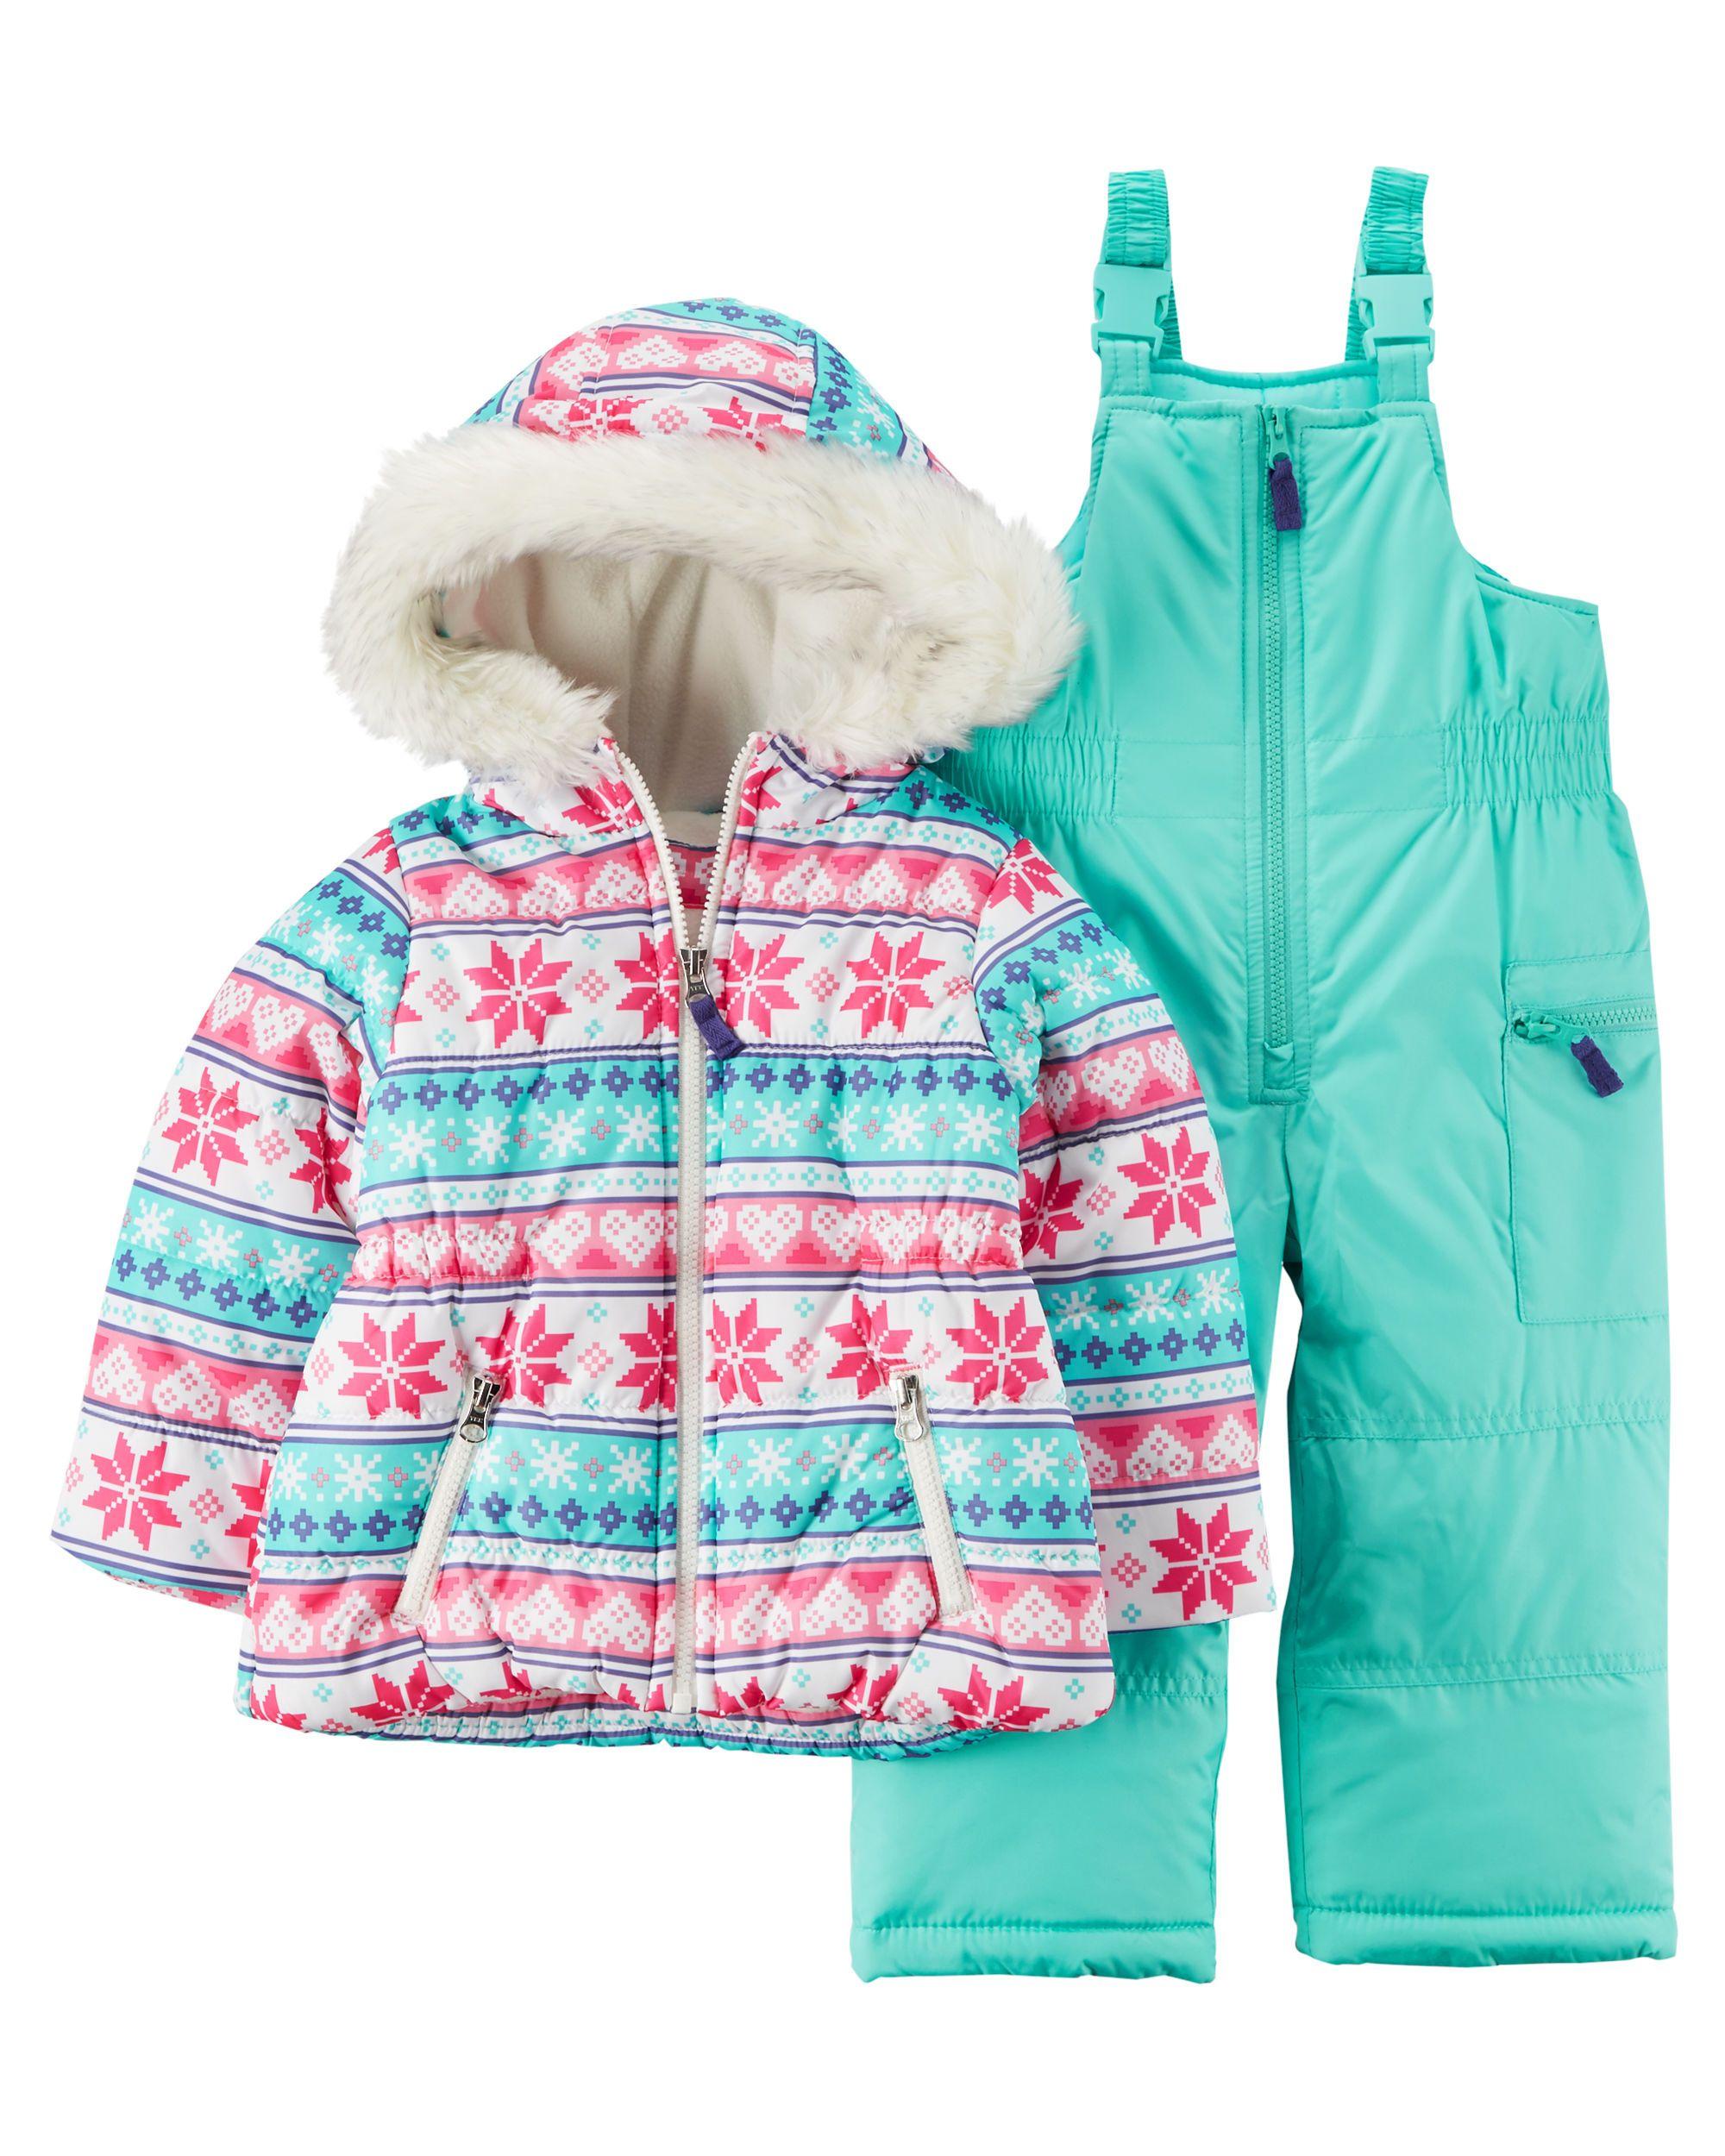 0e2a8bc61 Fair Isle Snowsuit Set